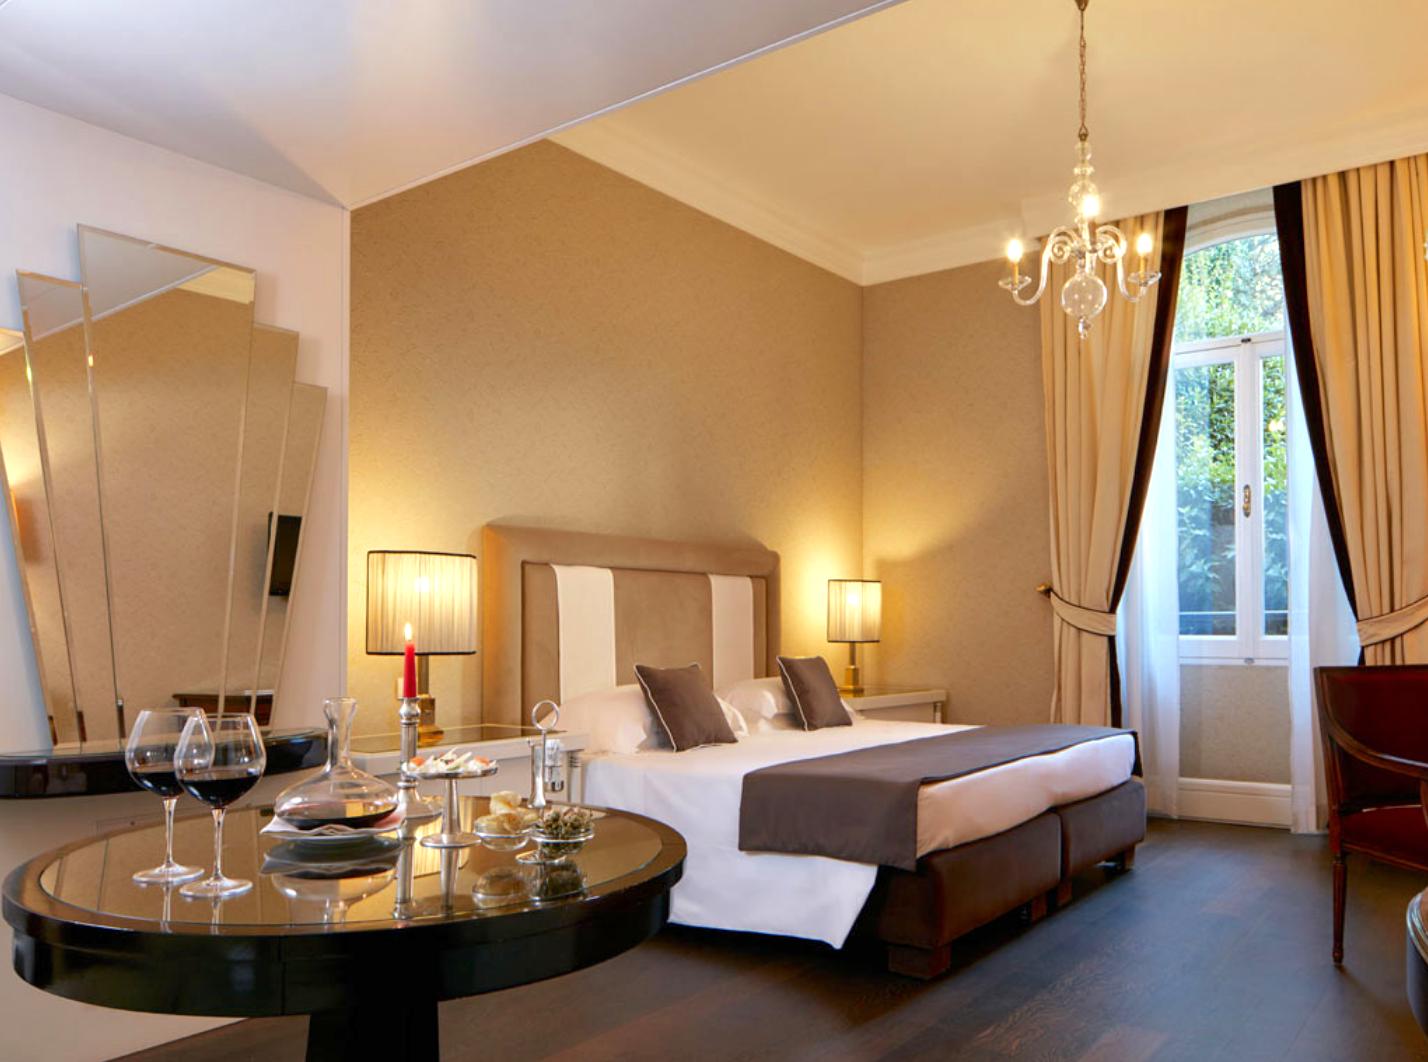 hotel-regency-firenze-lustforthesublime